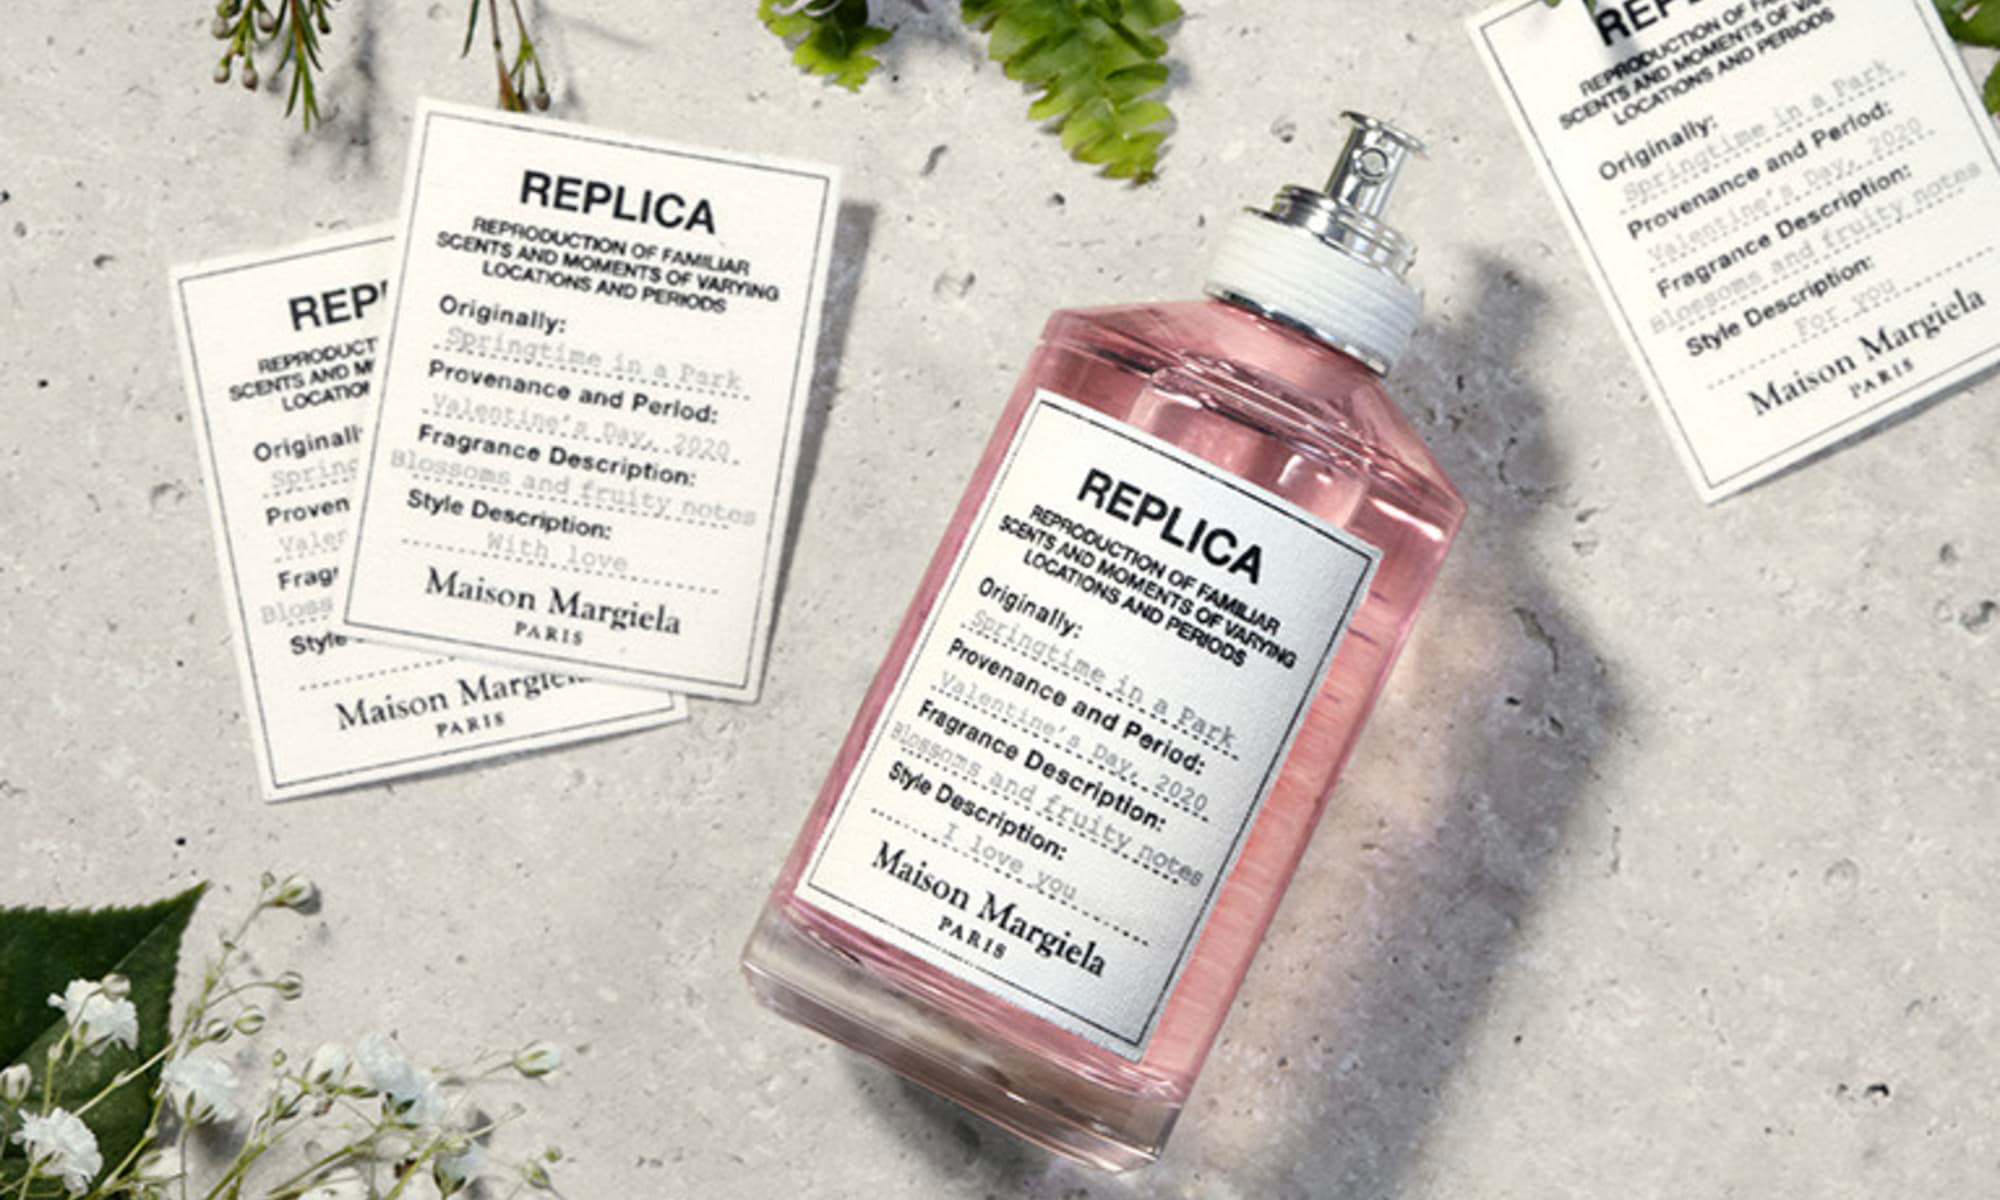 Maison Margiela 推出 「Replica」全新香氛